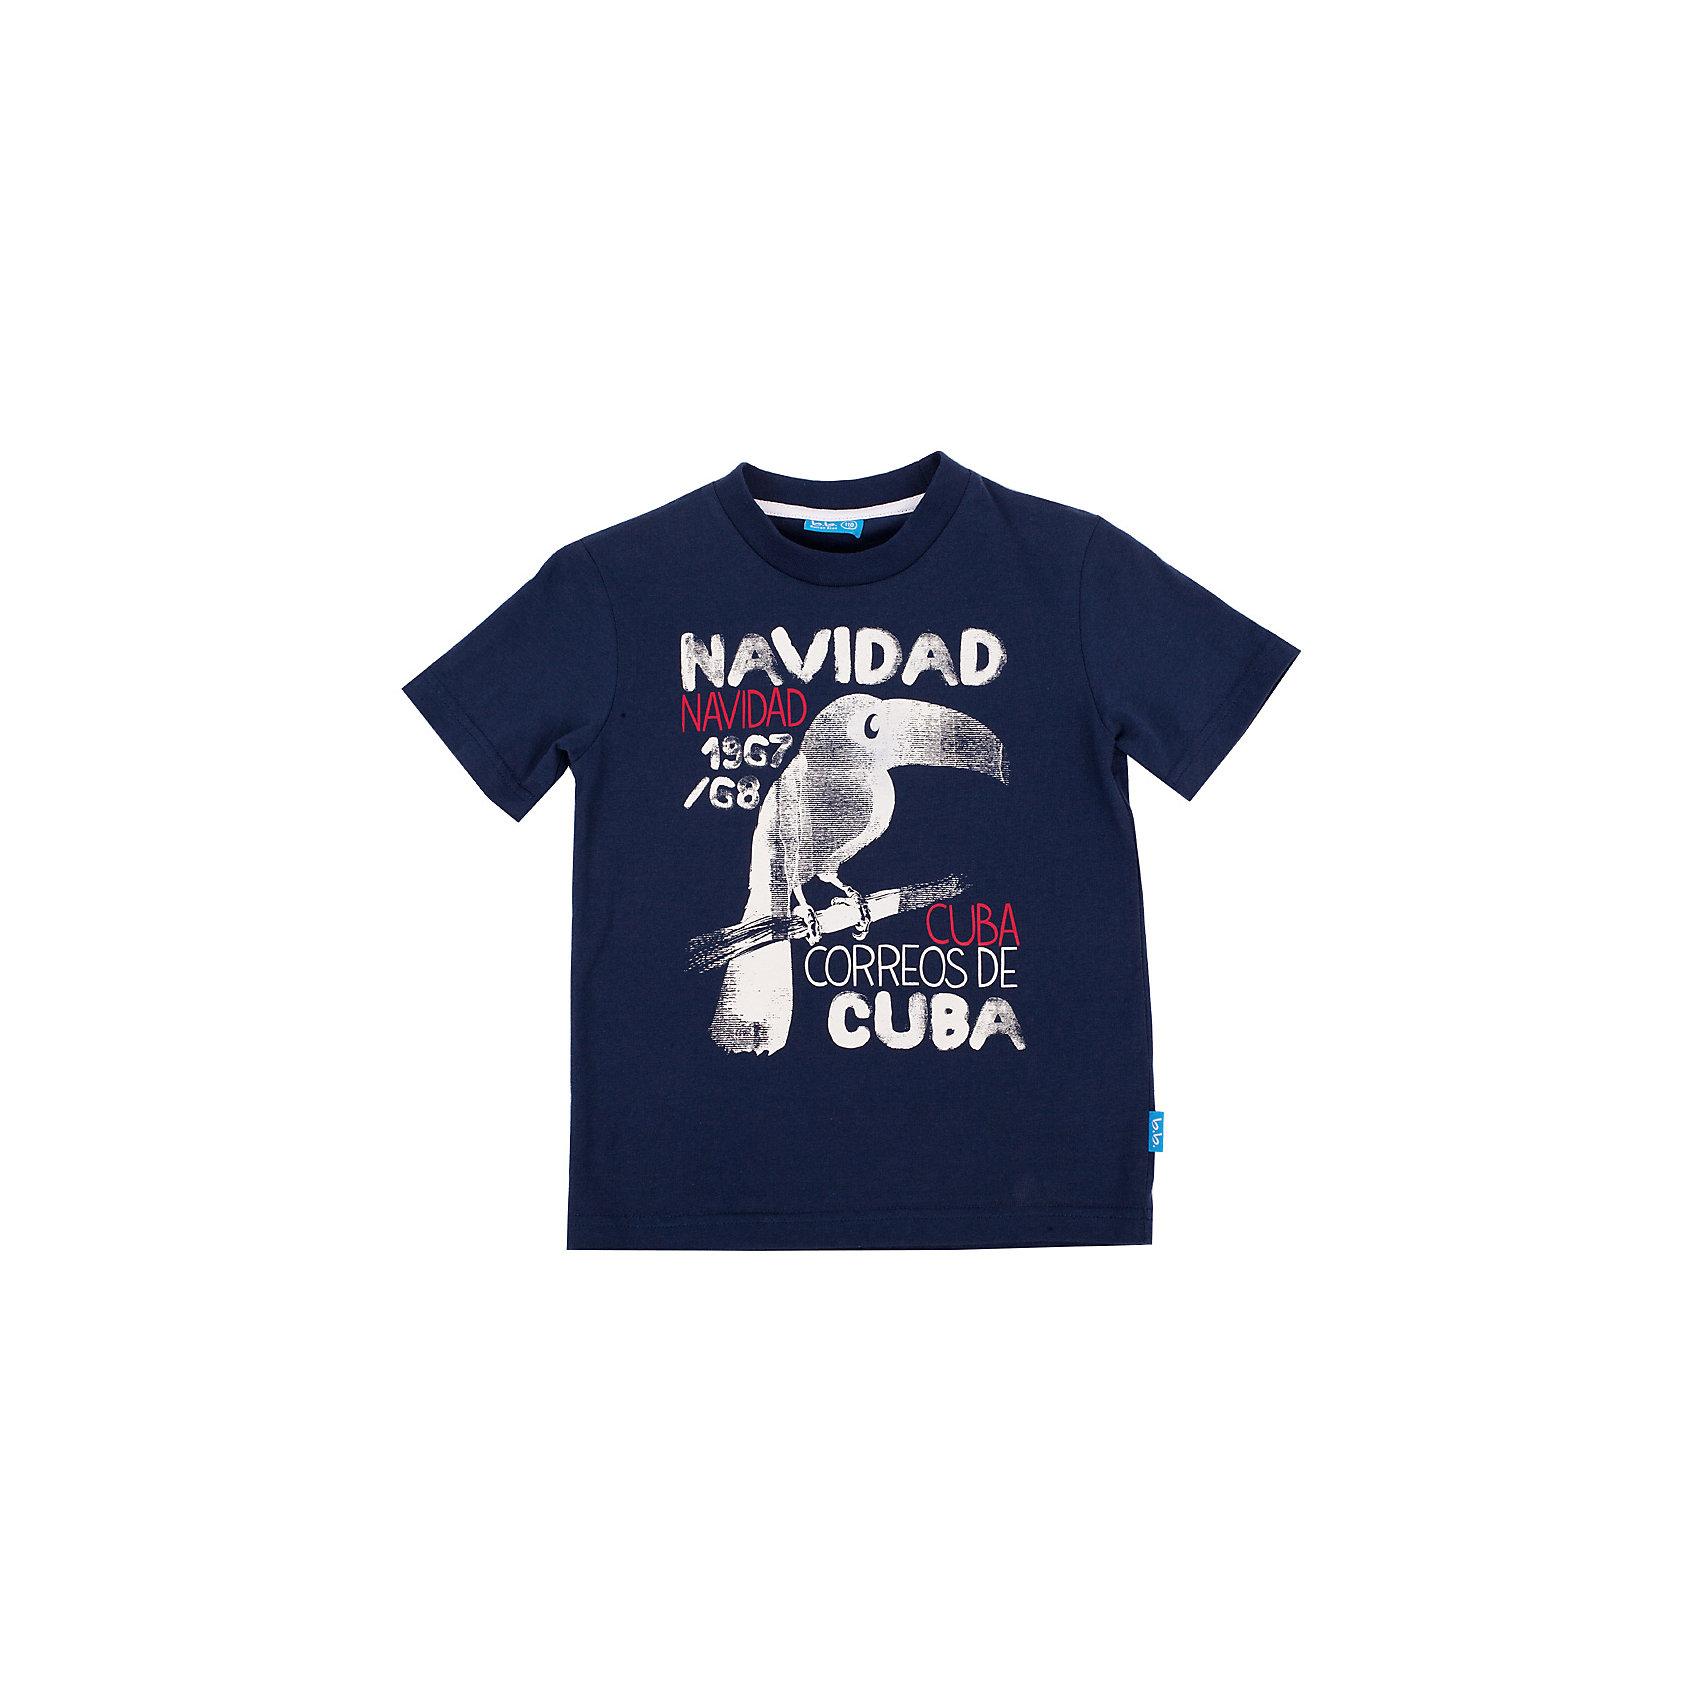 Футболка для мальчика Button BlueСиняя футболка с ярким принтом - не просто базовая вещь в гардеробе ребенка, а залог хорошего летнего настроения! Отличное качество и доступная цена прилагаются. Если вы решили купить недорогую футболку для мальчика, выберете модель футболки с оригинальным принтом, и ваш ребенок будет доволен!<br>Состав:<br>100% хлопок<br><br>Ширина мм: 199<br>Глубина мм: 10<br>Высота мм: 161<br>Вес г: 151<br>Цвет: синий<br>Возраст от месяцев: 24<br>Возраст до месяцев: 36<br>Пол: Мужской<br>Возраст: Детский<br>Размер: 98,116,122,110,128,104<br>SKU: 4510143